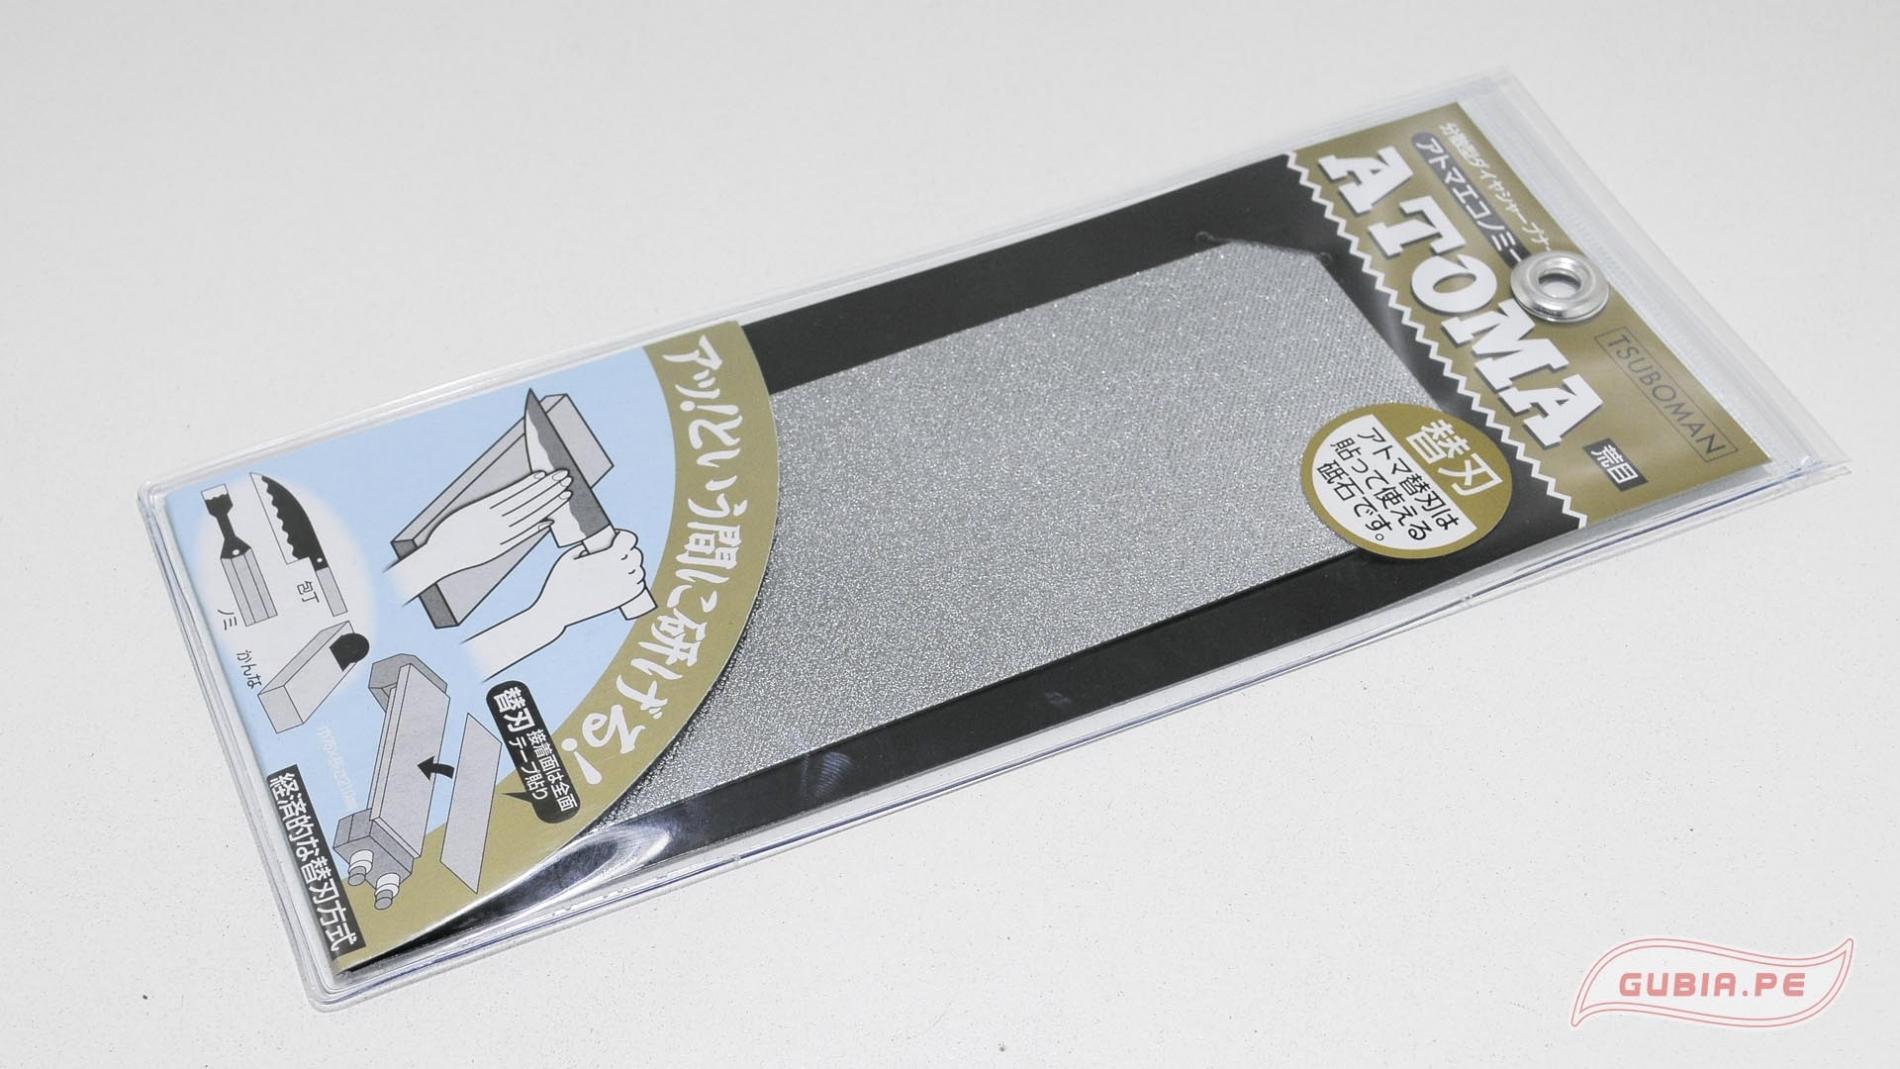 ATM75-1.4C-Placa diamantada inox 210x75x1mm grano 140 Atoma ATM75-1.4C-max-1.